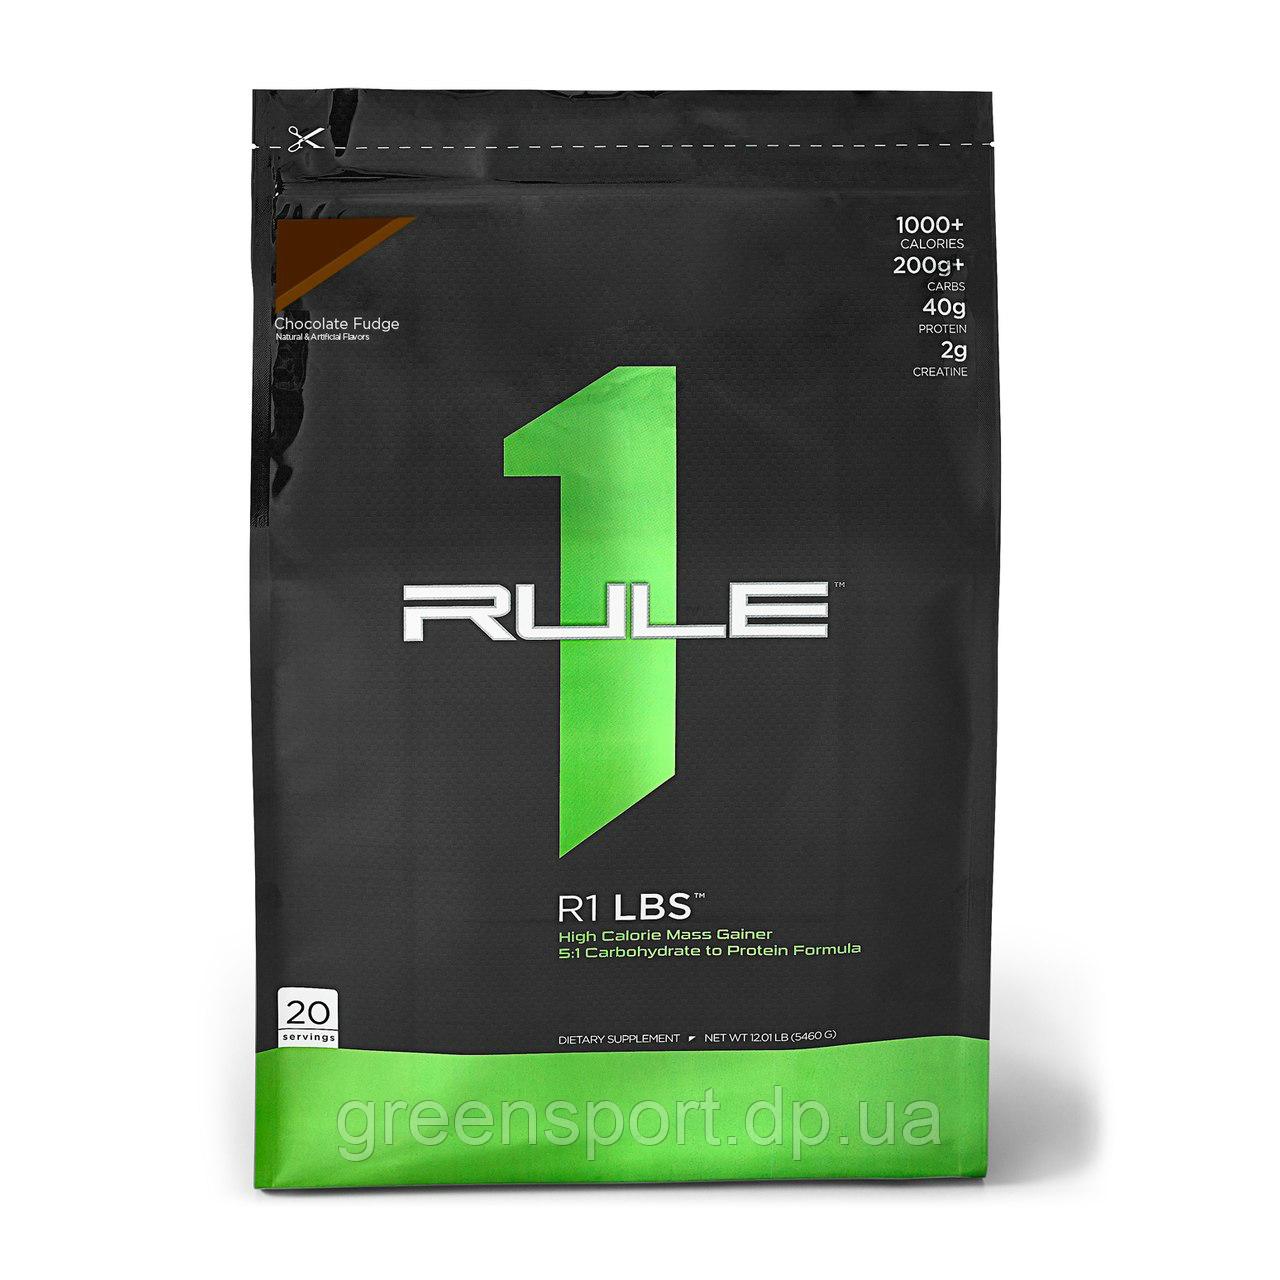 Гейнер Rule One Proteins R1 LBS (5,5 кг) Шоколадная помадка